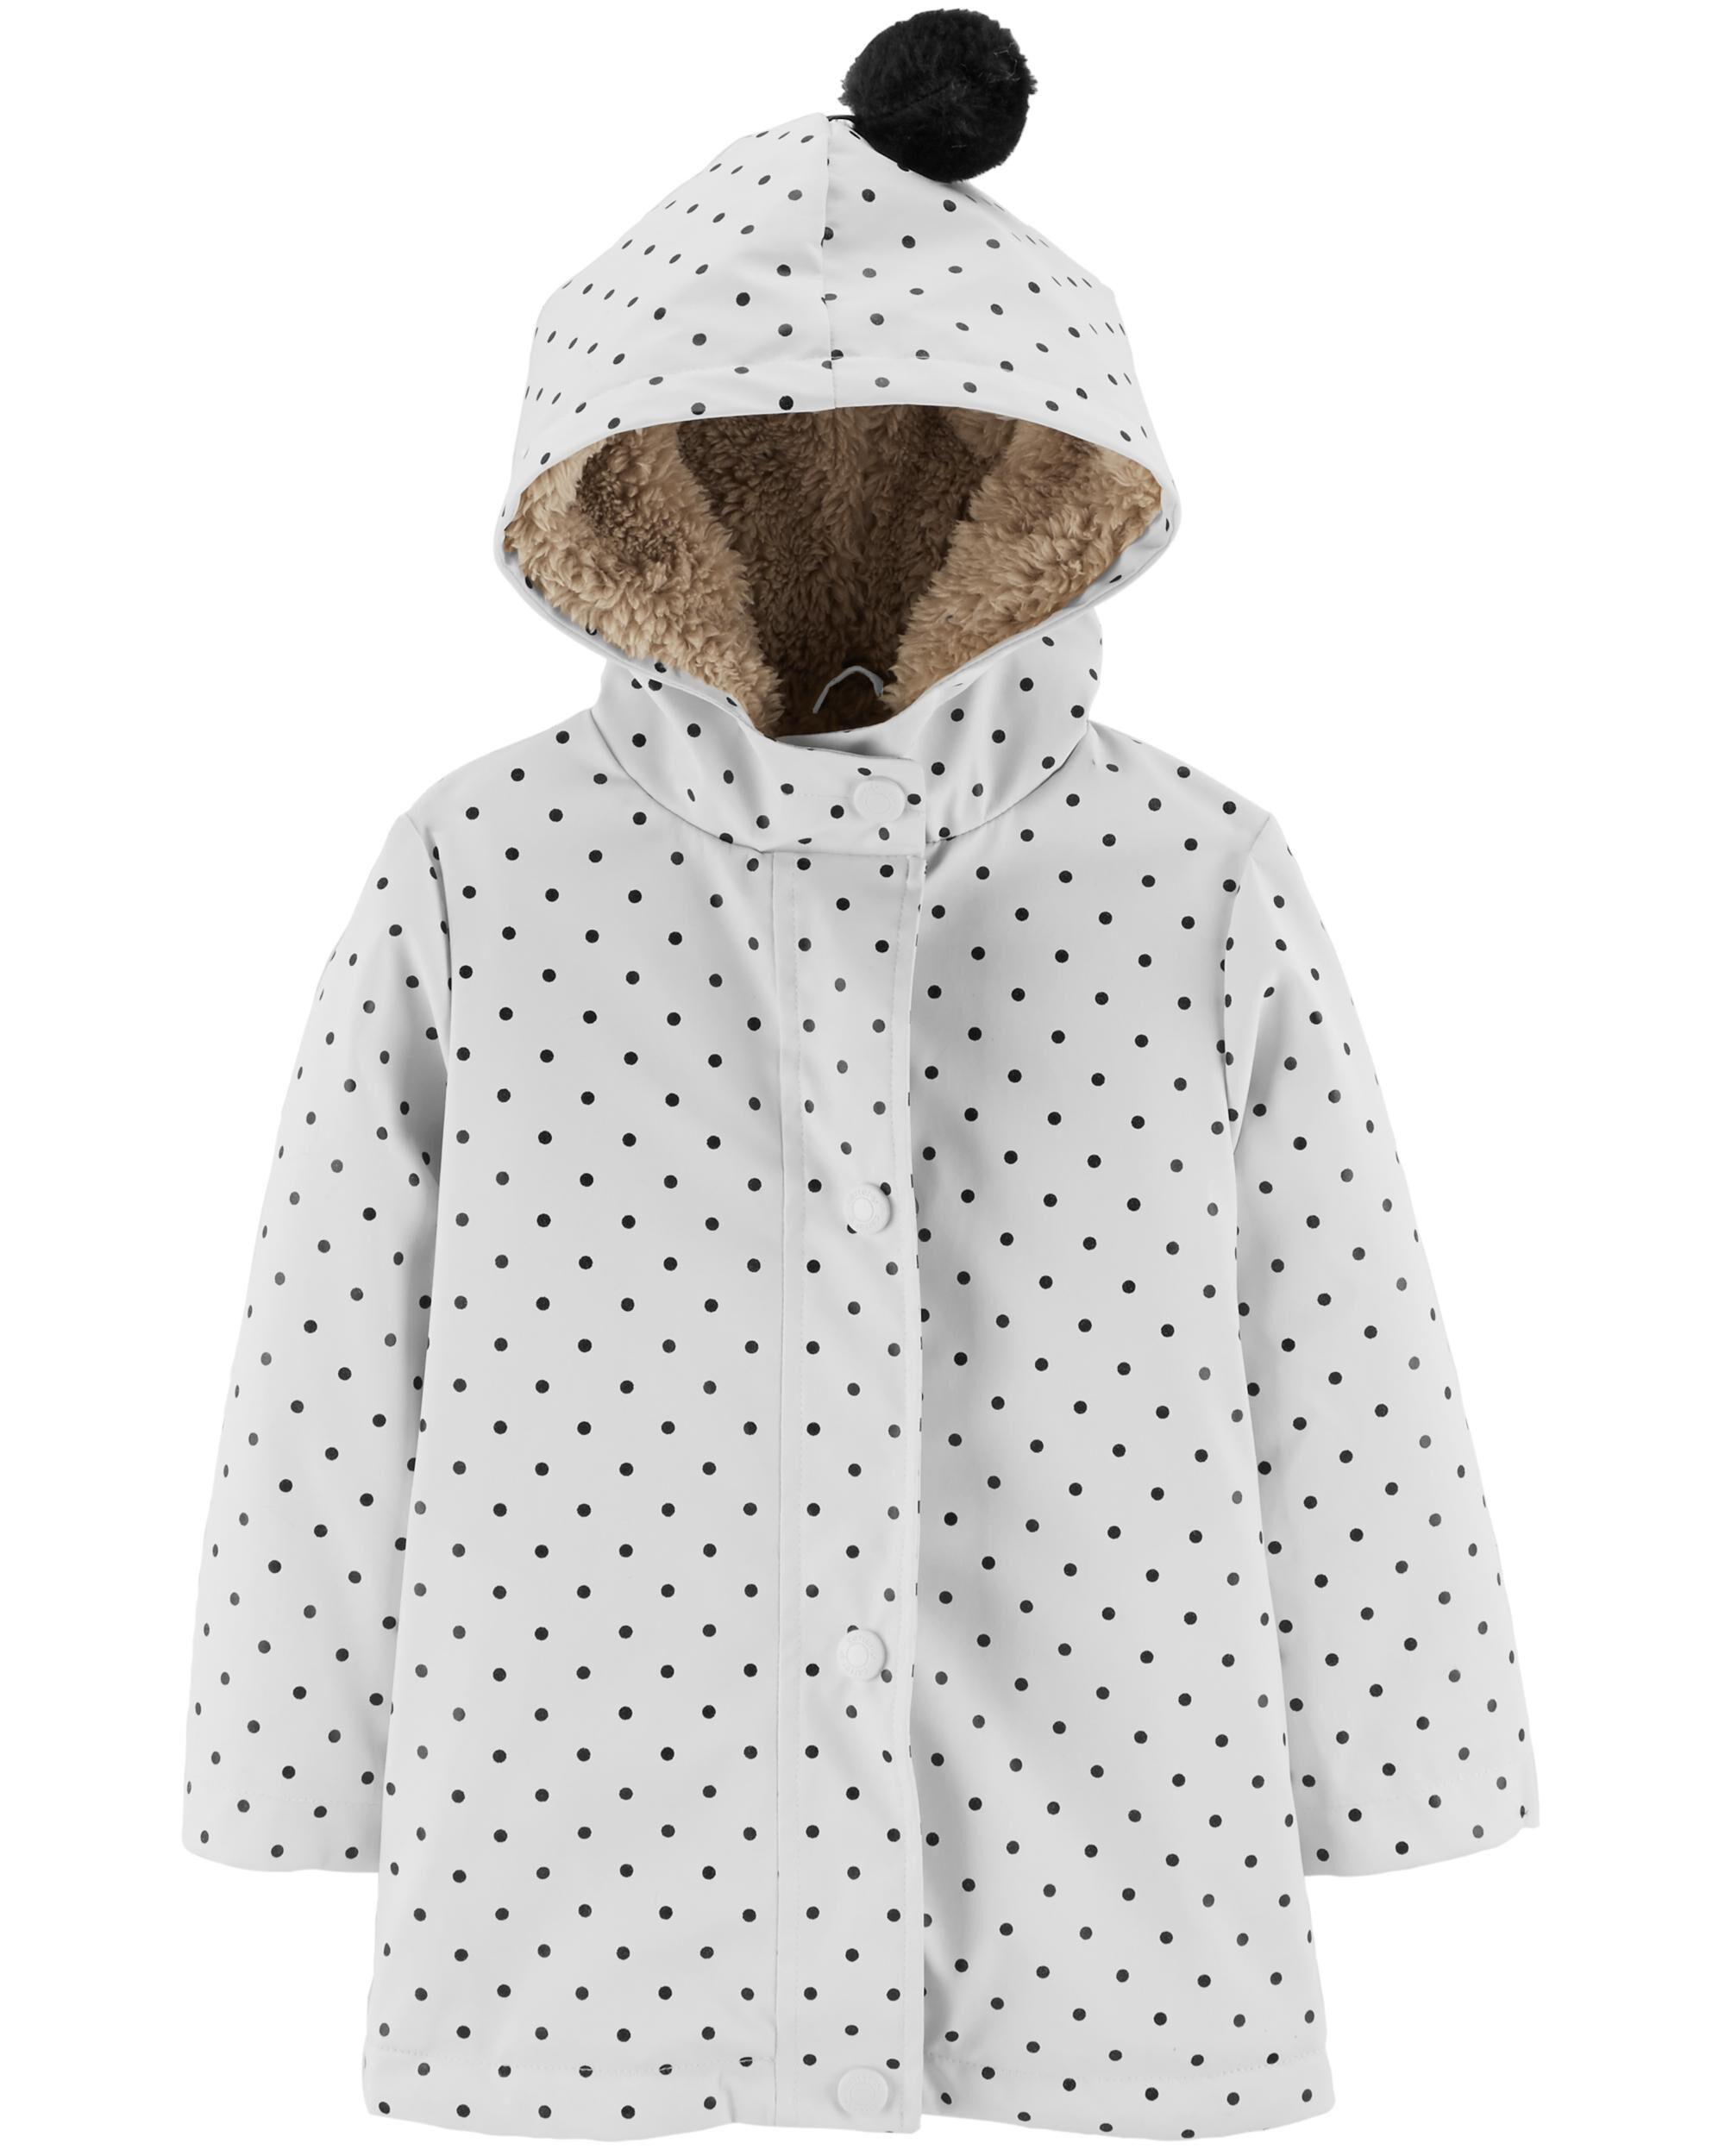 b12d9eff22e1 Polka Dot Sherpa-Lined Rain Jacket